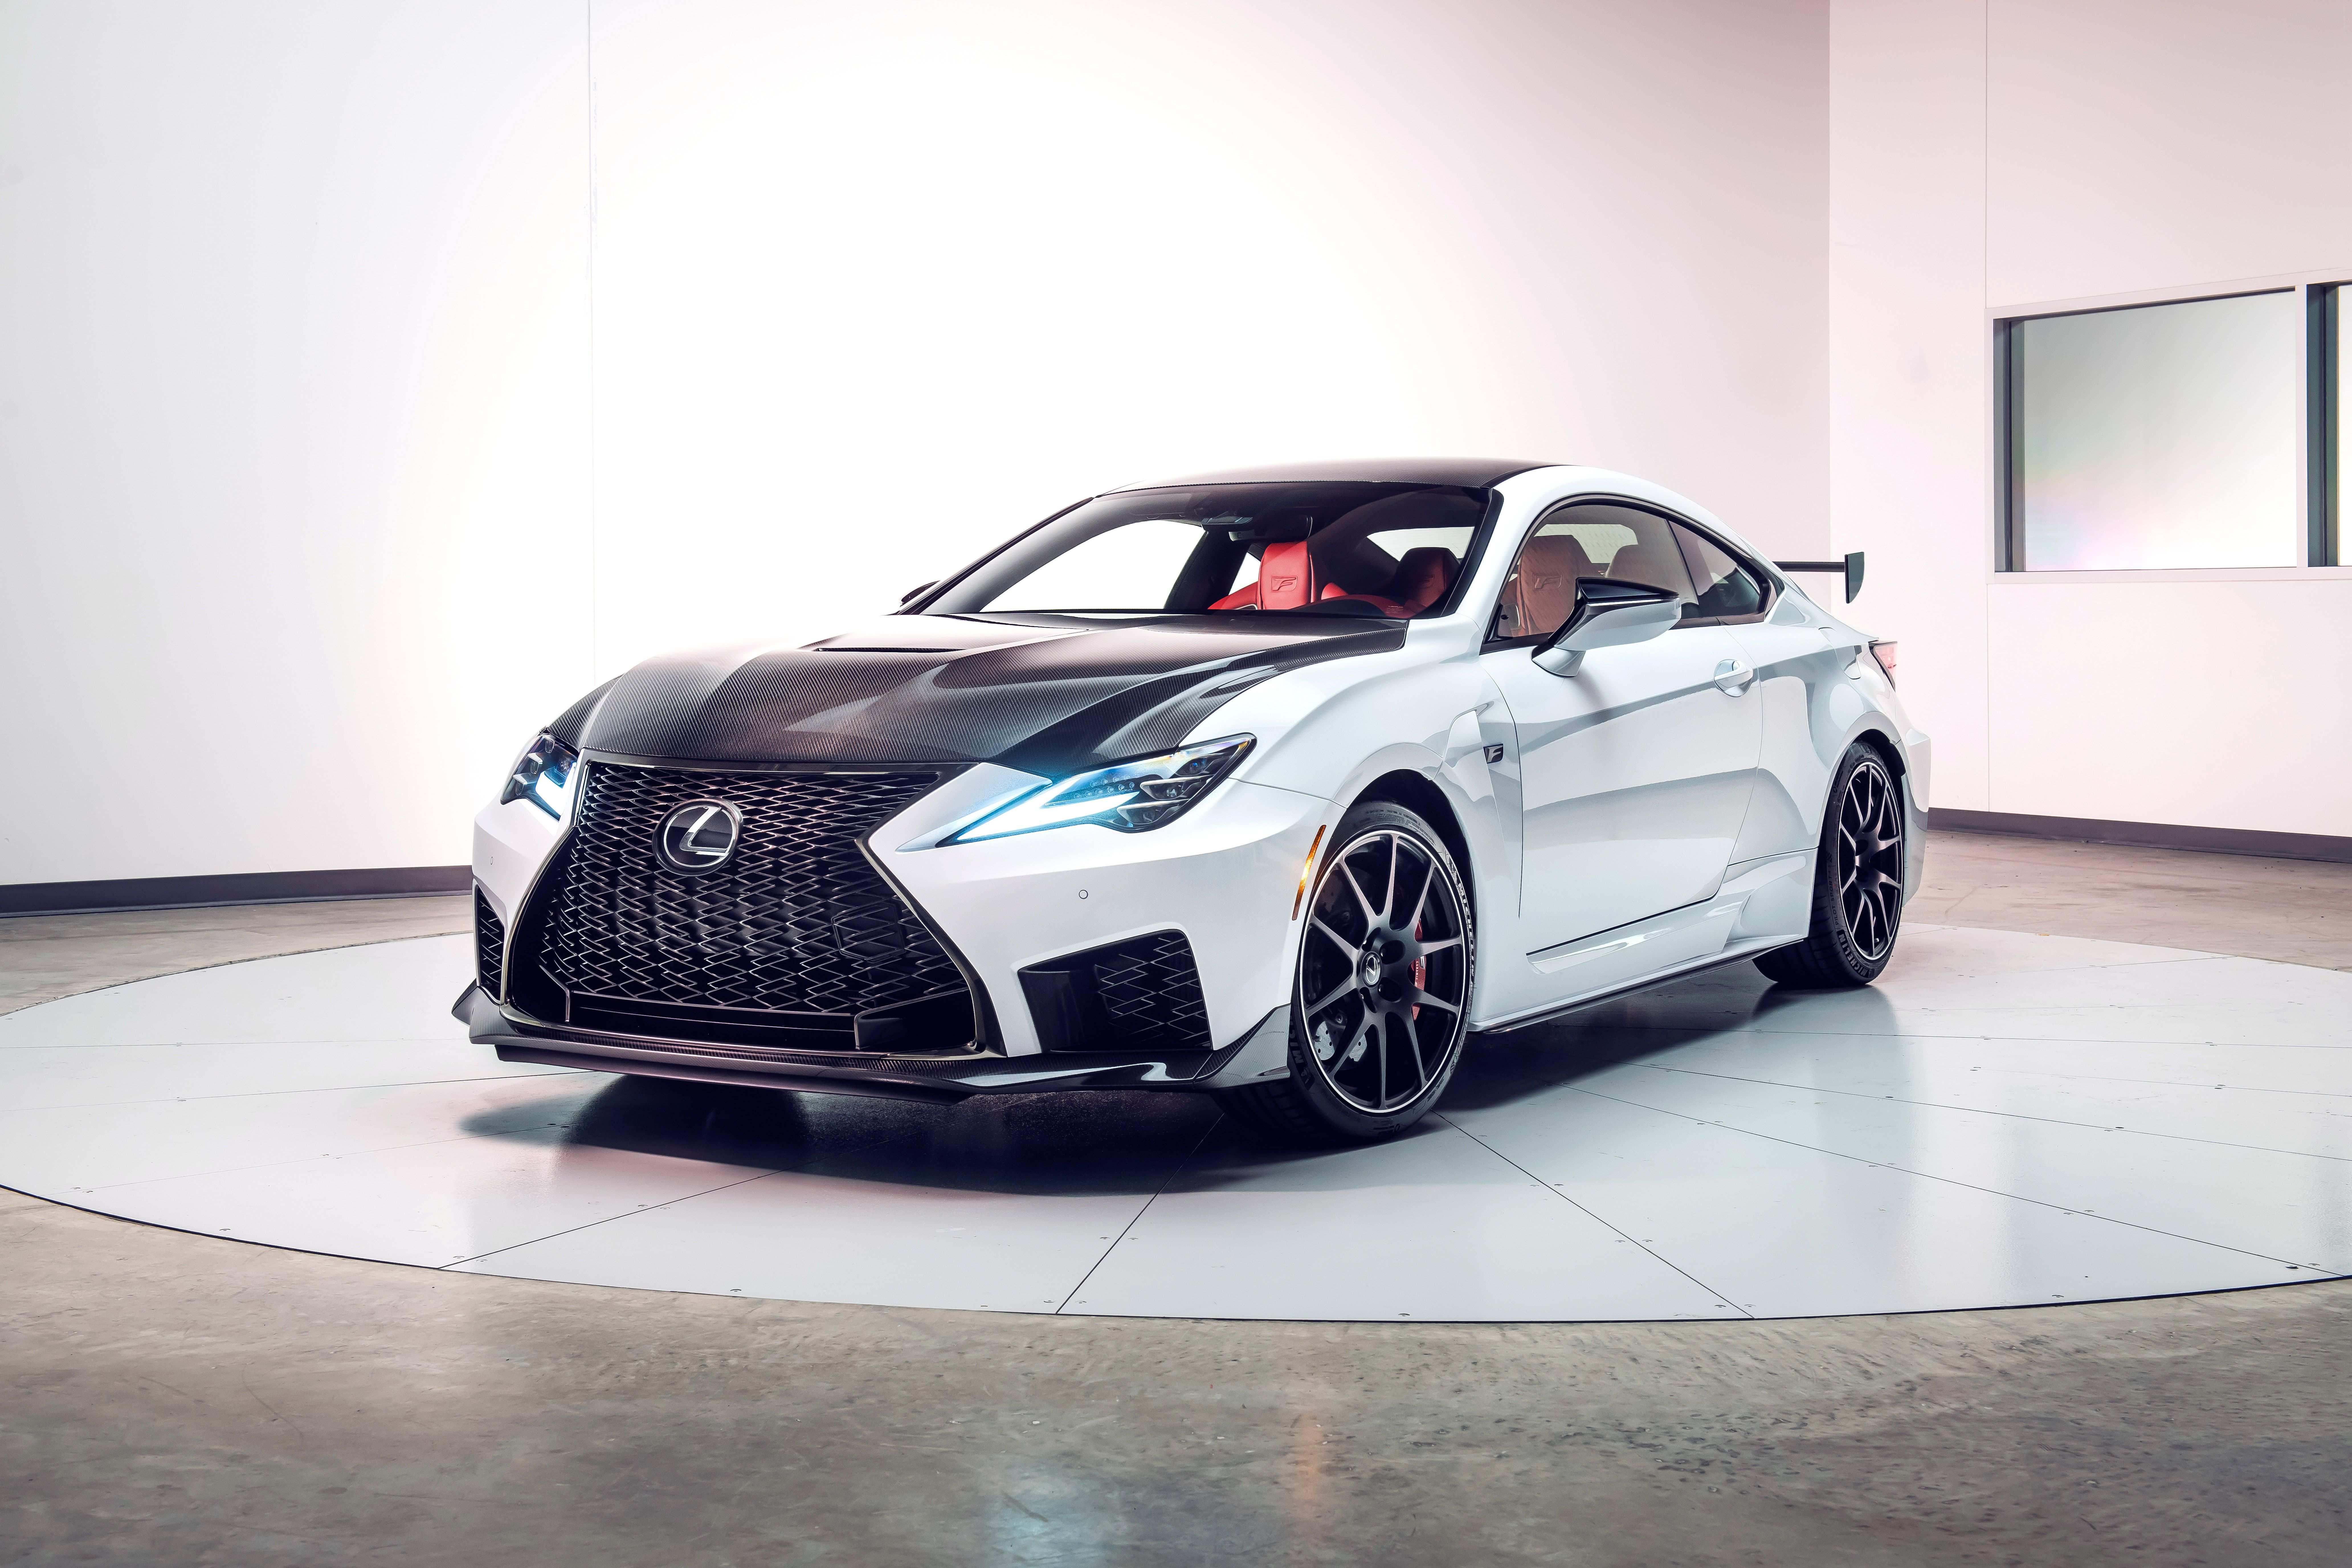 51 New Rcf Lexus 2020 Concept by Rcf Lexus 2020